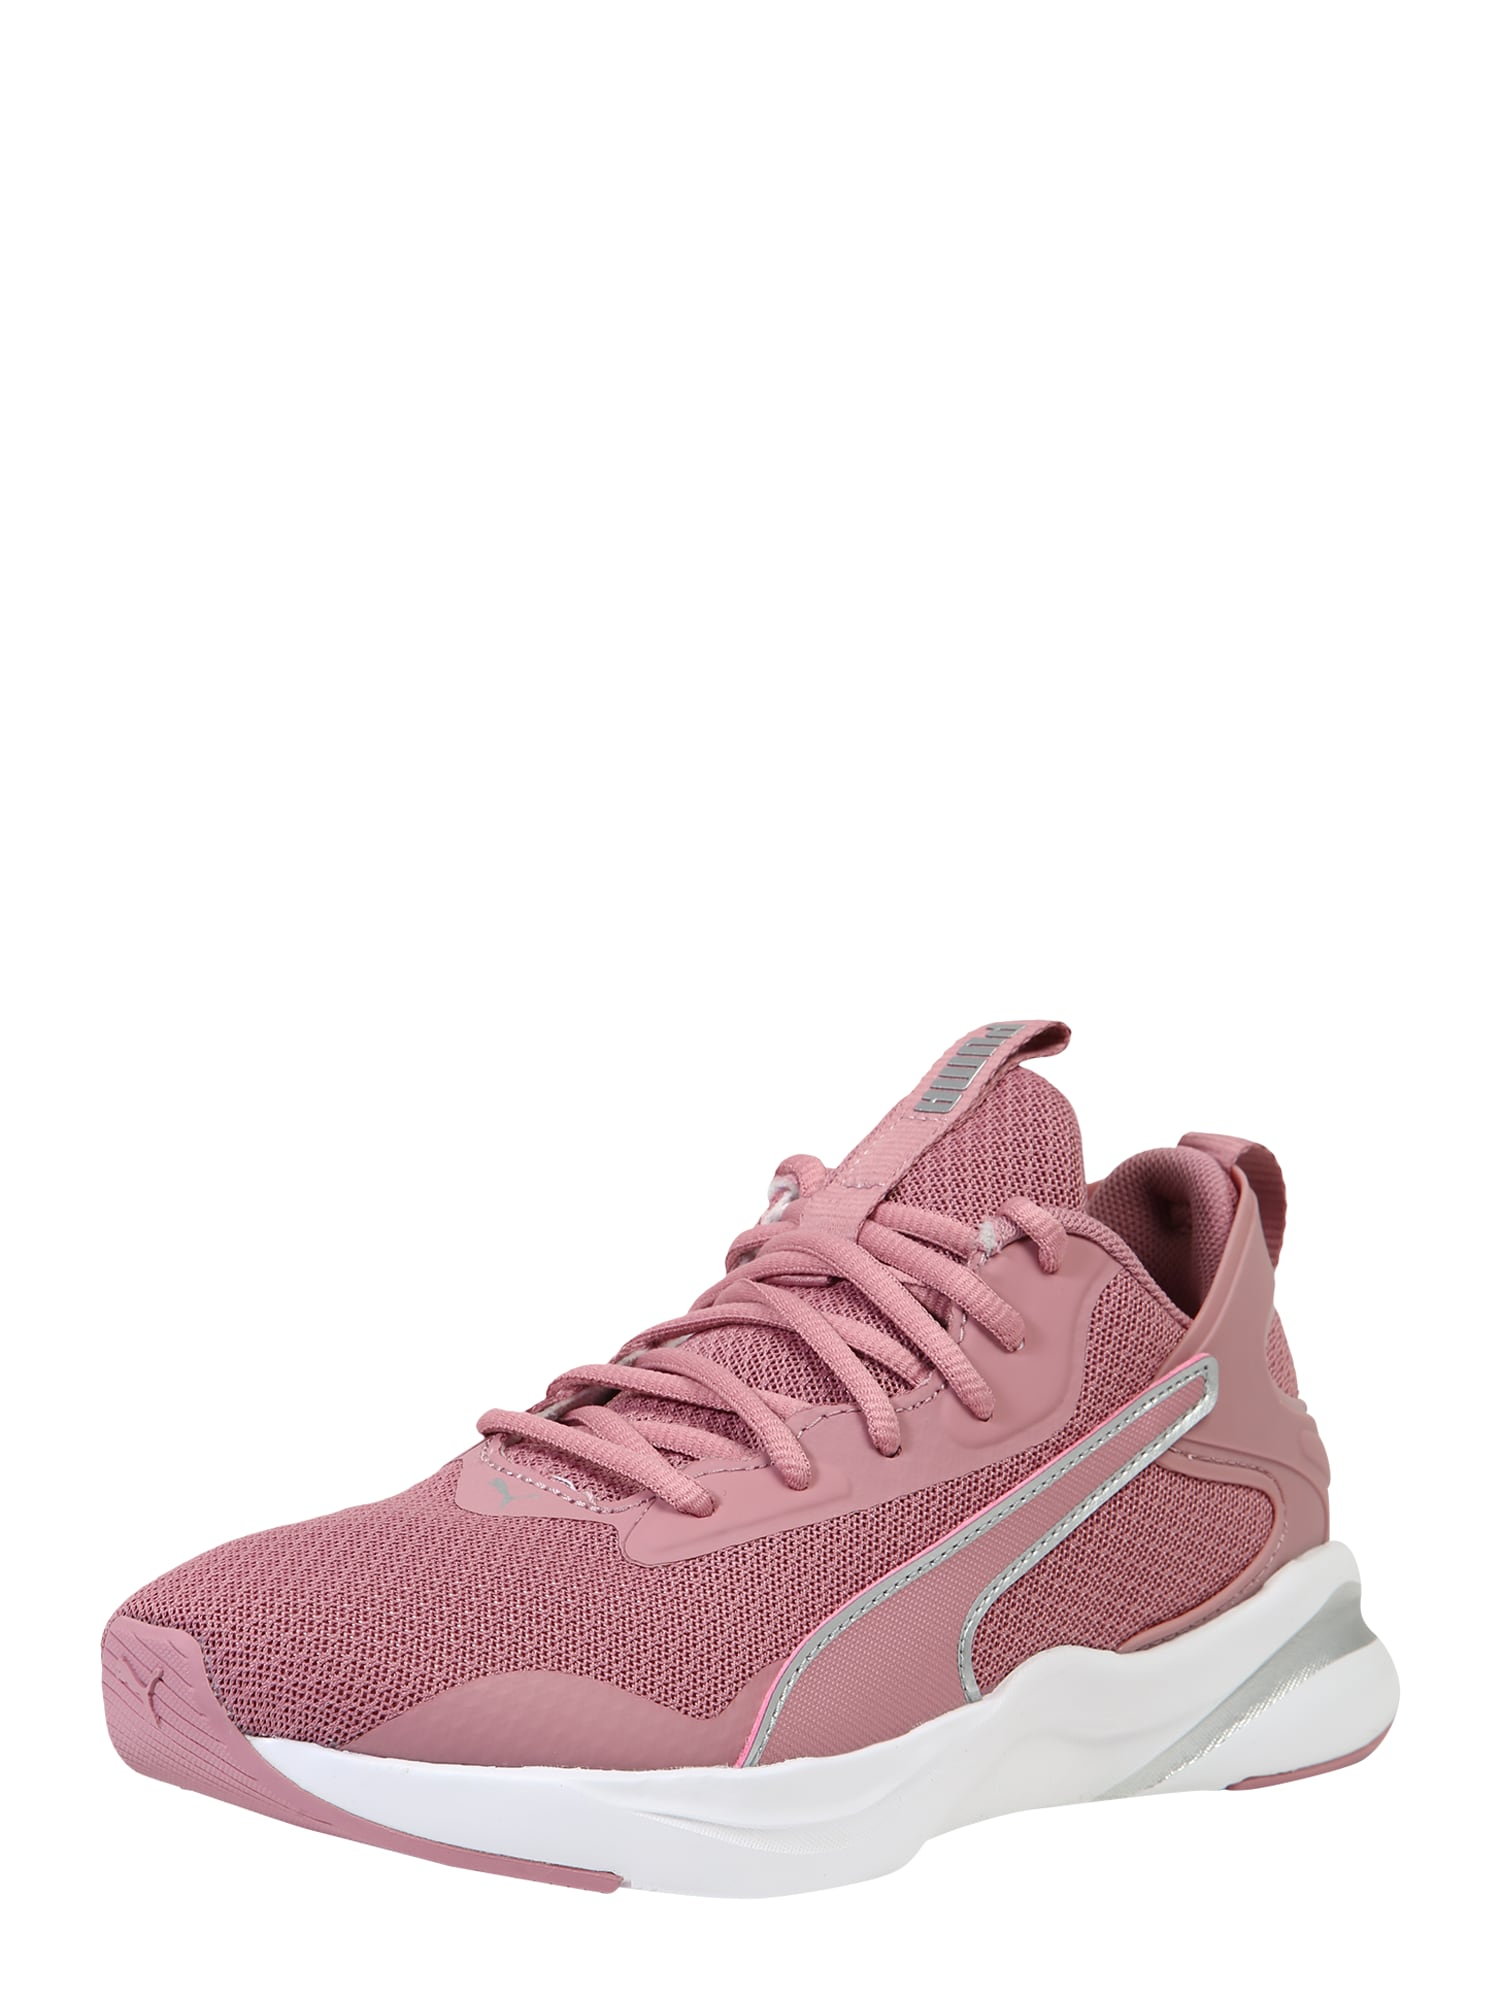 PUMA Sportovní boty 'SOFTRIDE RIFT'  opálová / bílá / růže